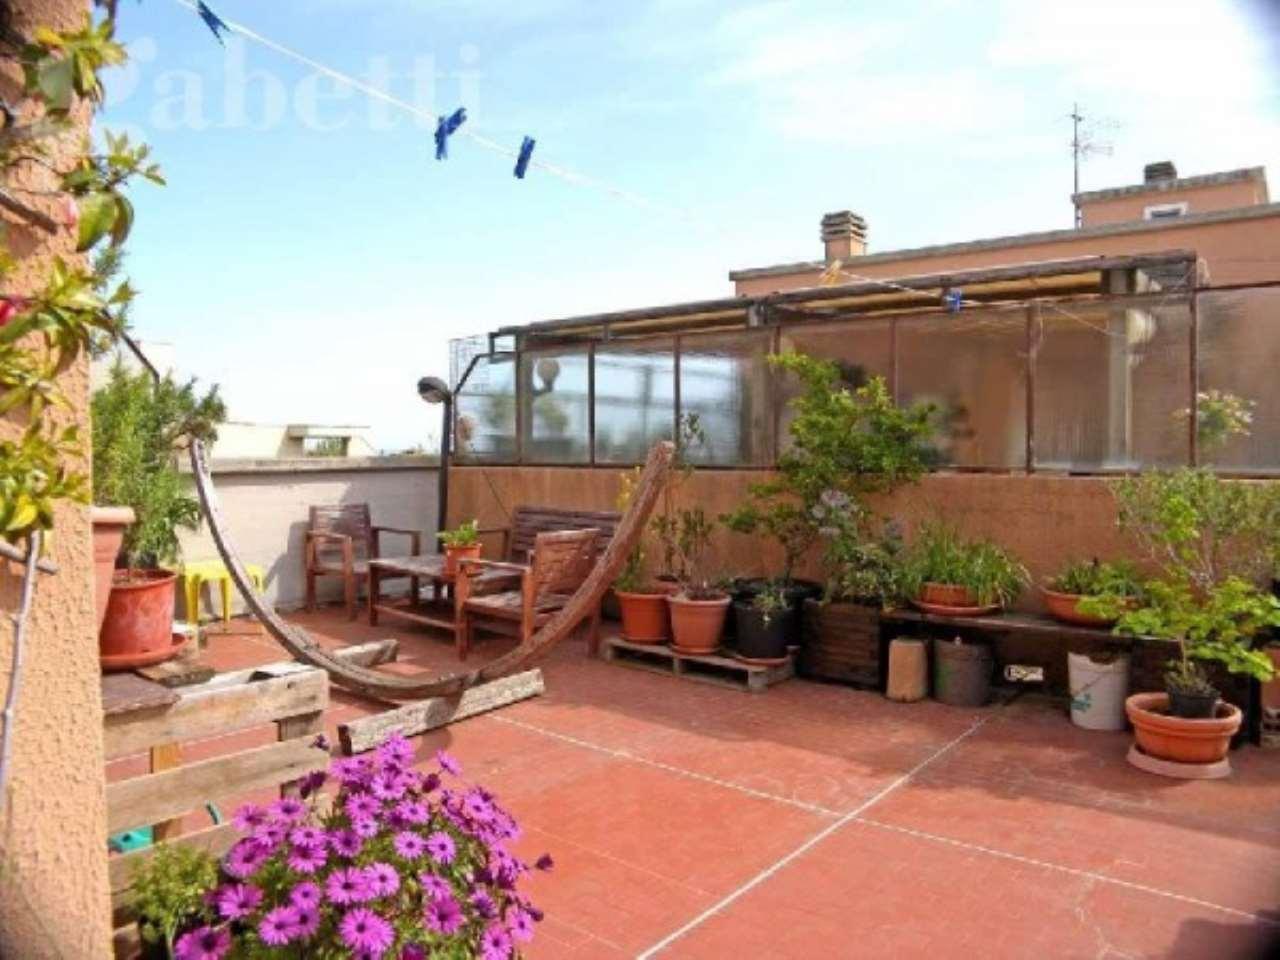 Attico / Mansarda in vendita a Senigallia, 5 locali, prezzo € 350.000 | Cambio Casa.it